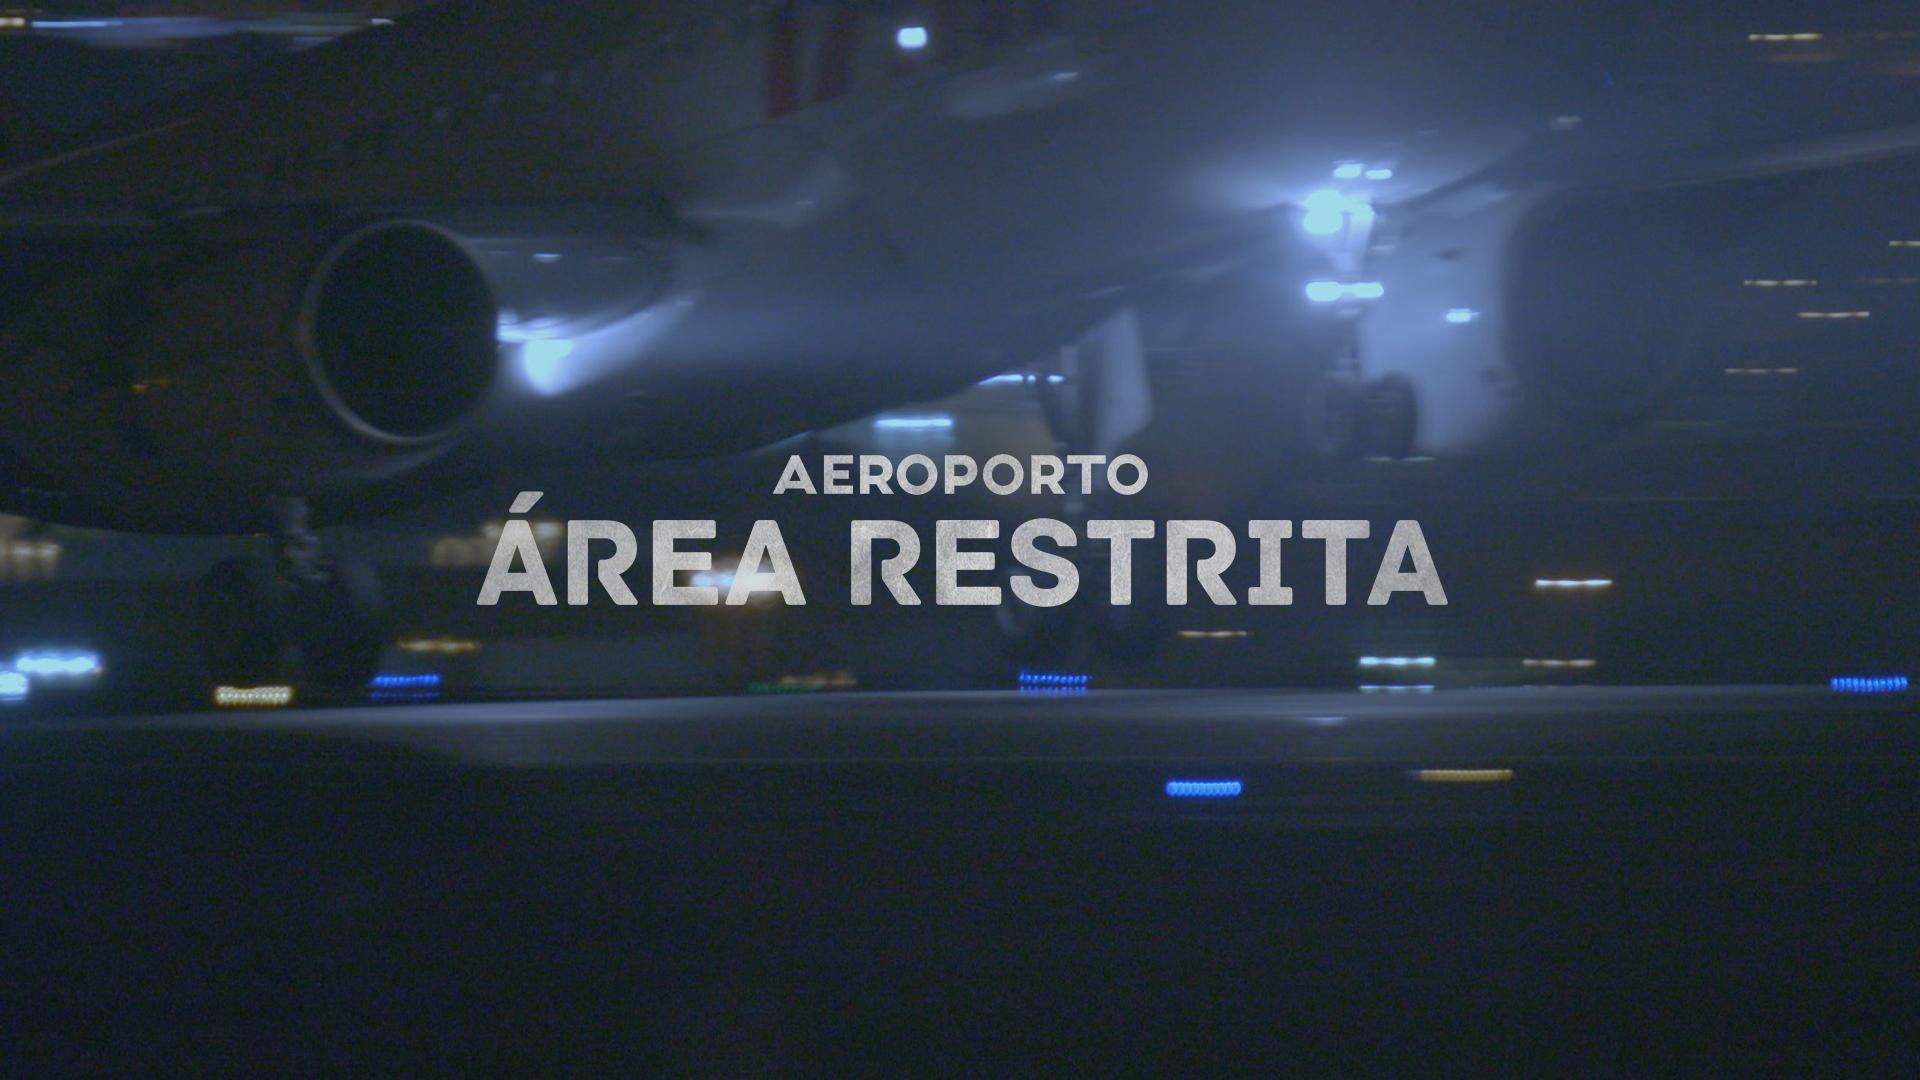 Aeroporto Área Restrita